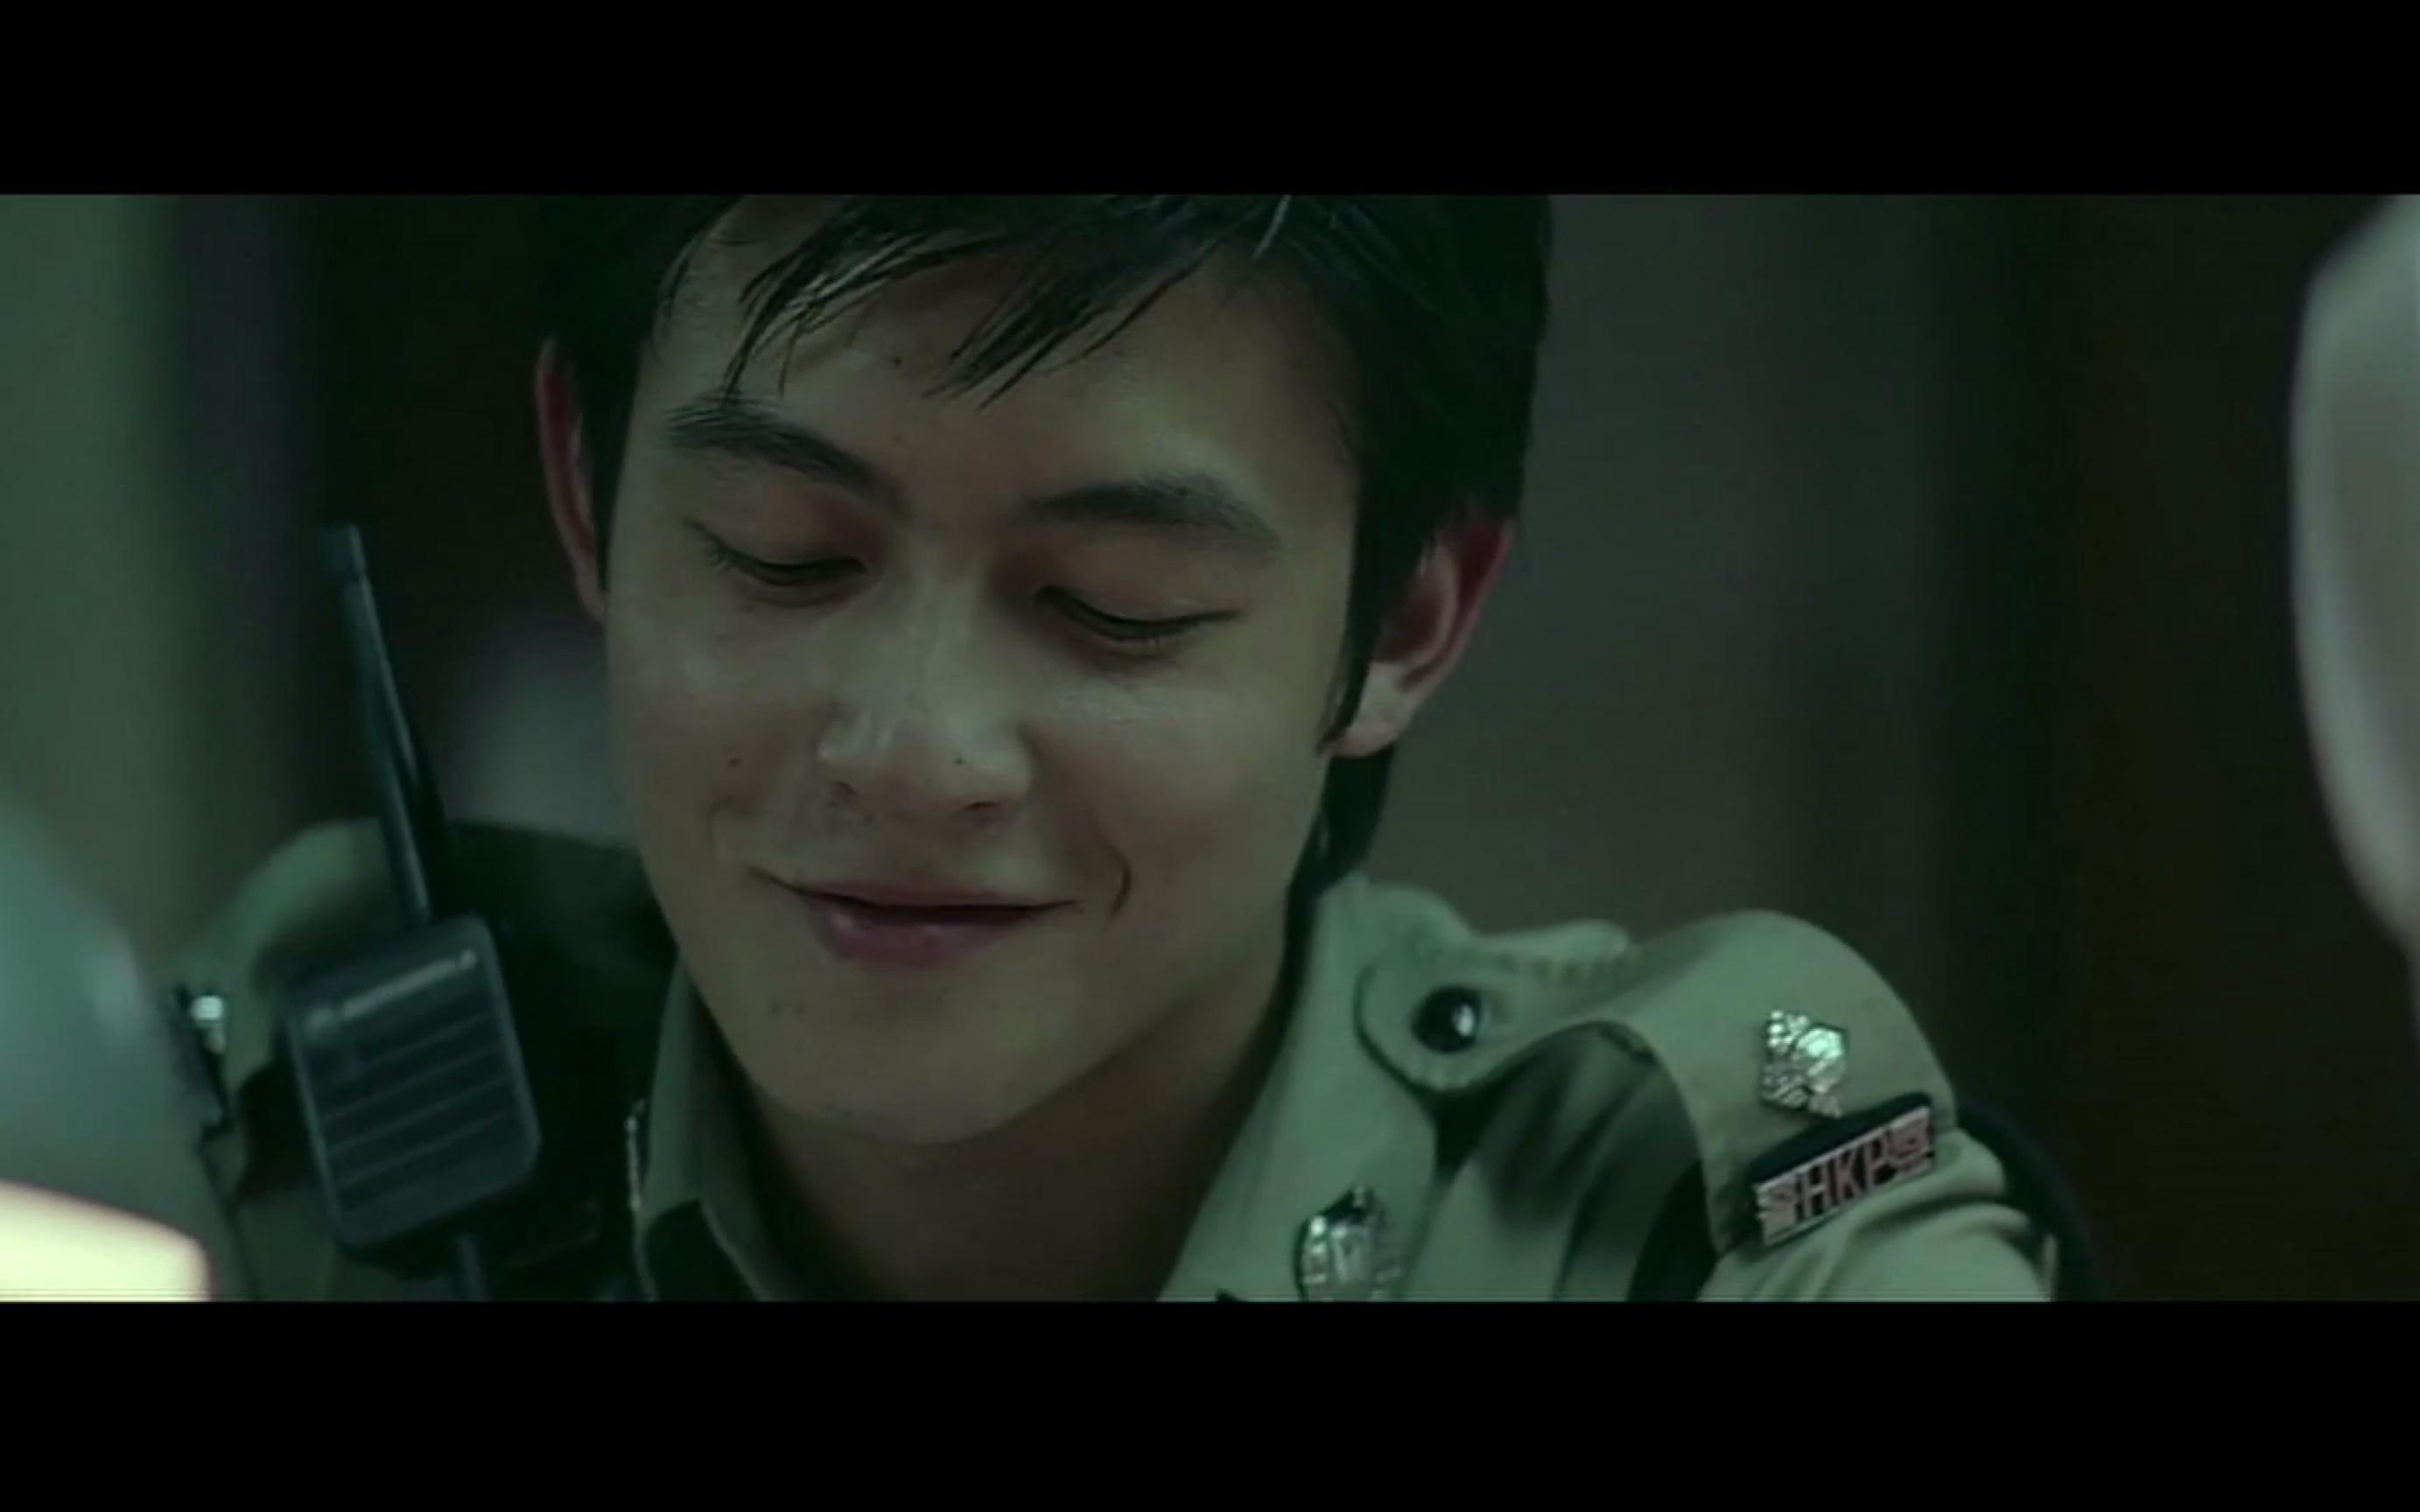 香港成人电影陈冠希_38岁的陈冠希,一部混剪回顾他的电影与人生